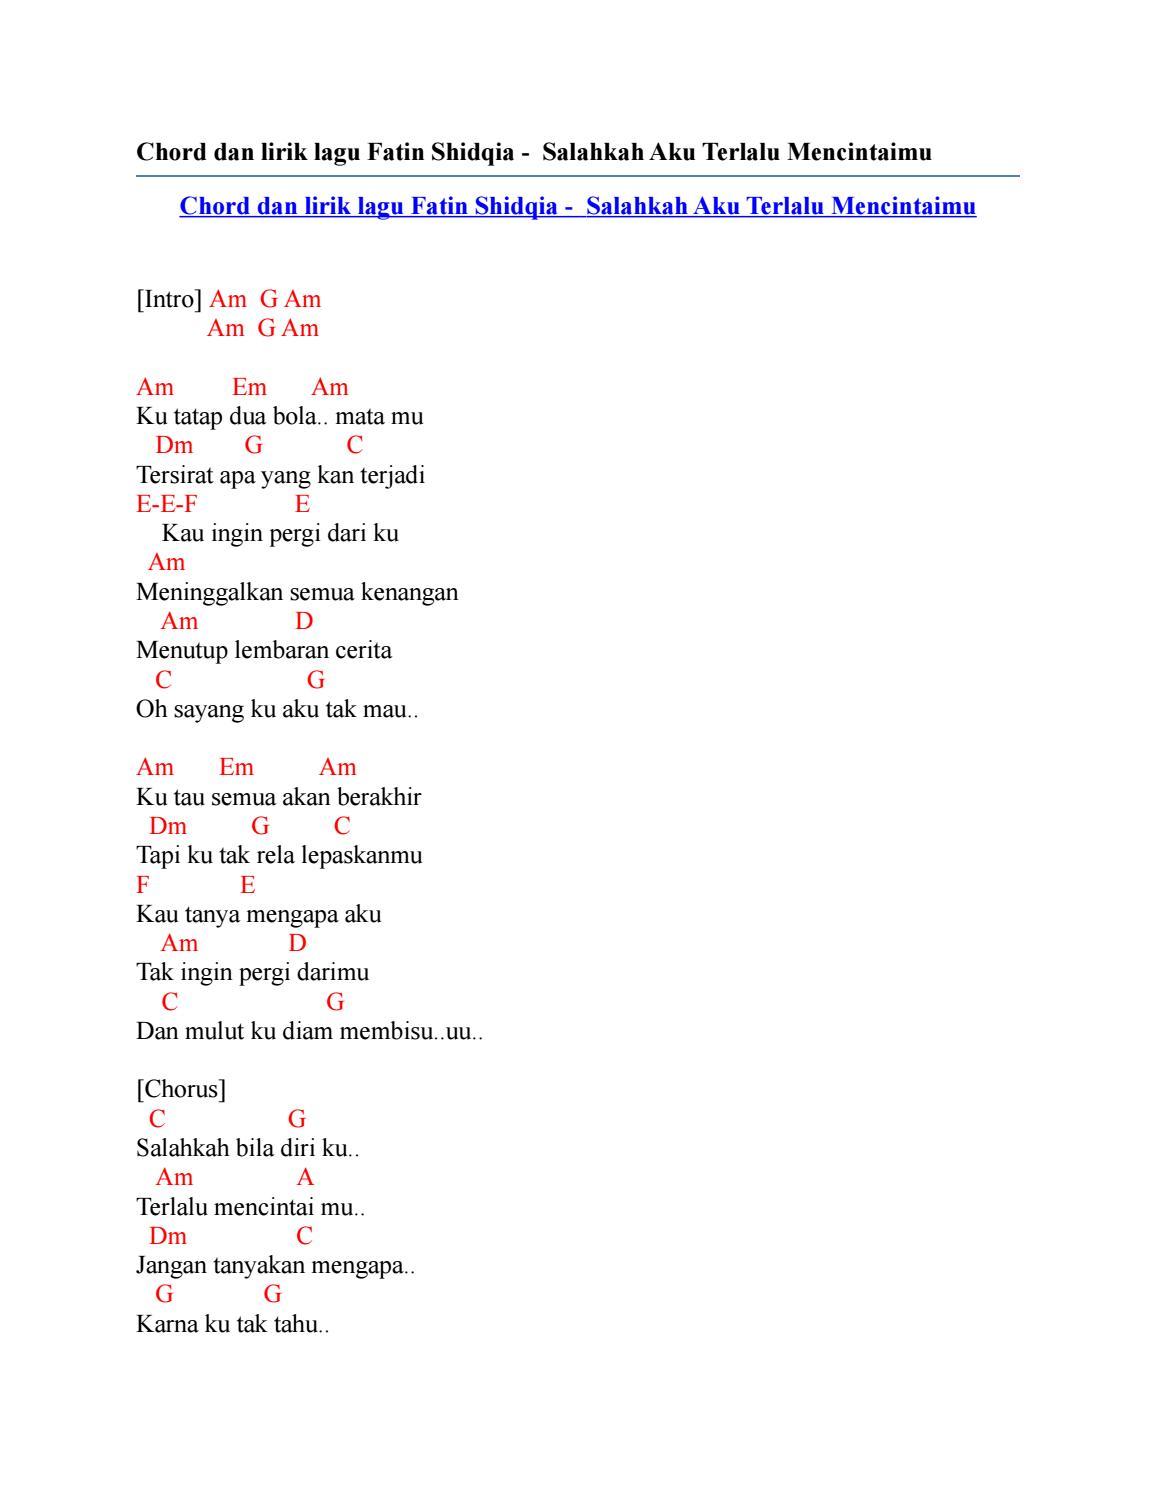 Download Lagu Salahkah Bila Diriku Terlalu Mencintaimu : download, salahkah, diriku, terlalu, mencintaimu, Chord, Lirik, Fatin, Shidqia, Salahkah, Terlalu, Mencintaimu, Issuu